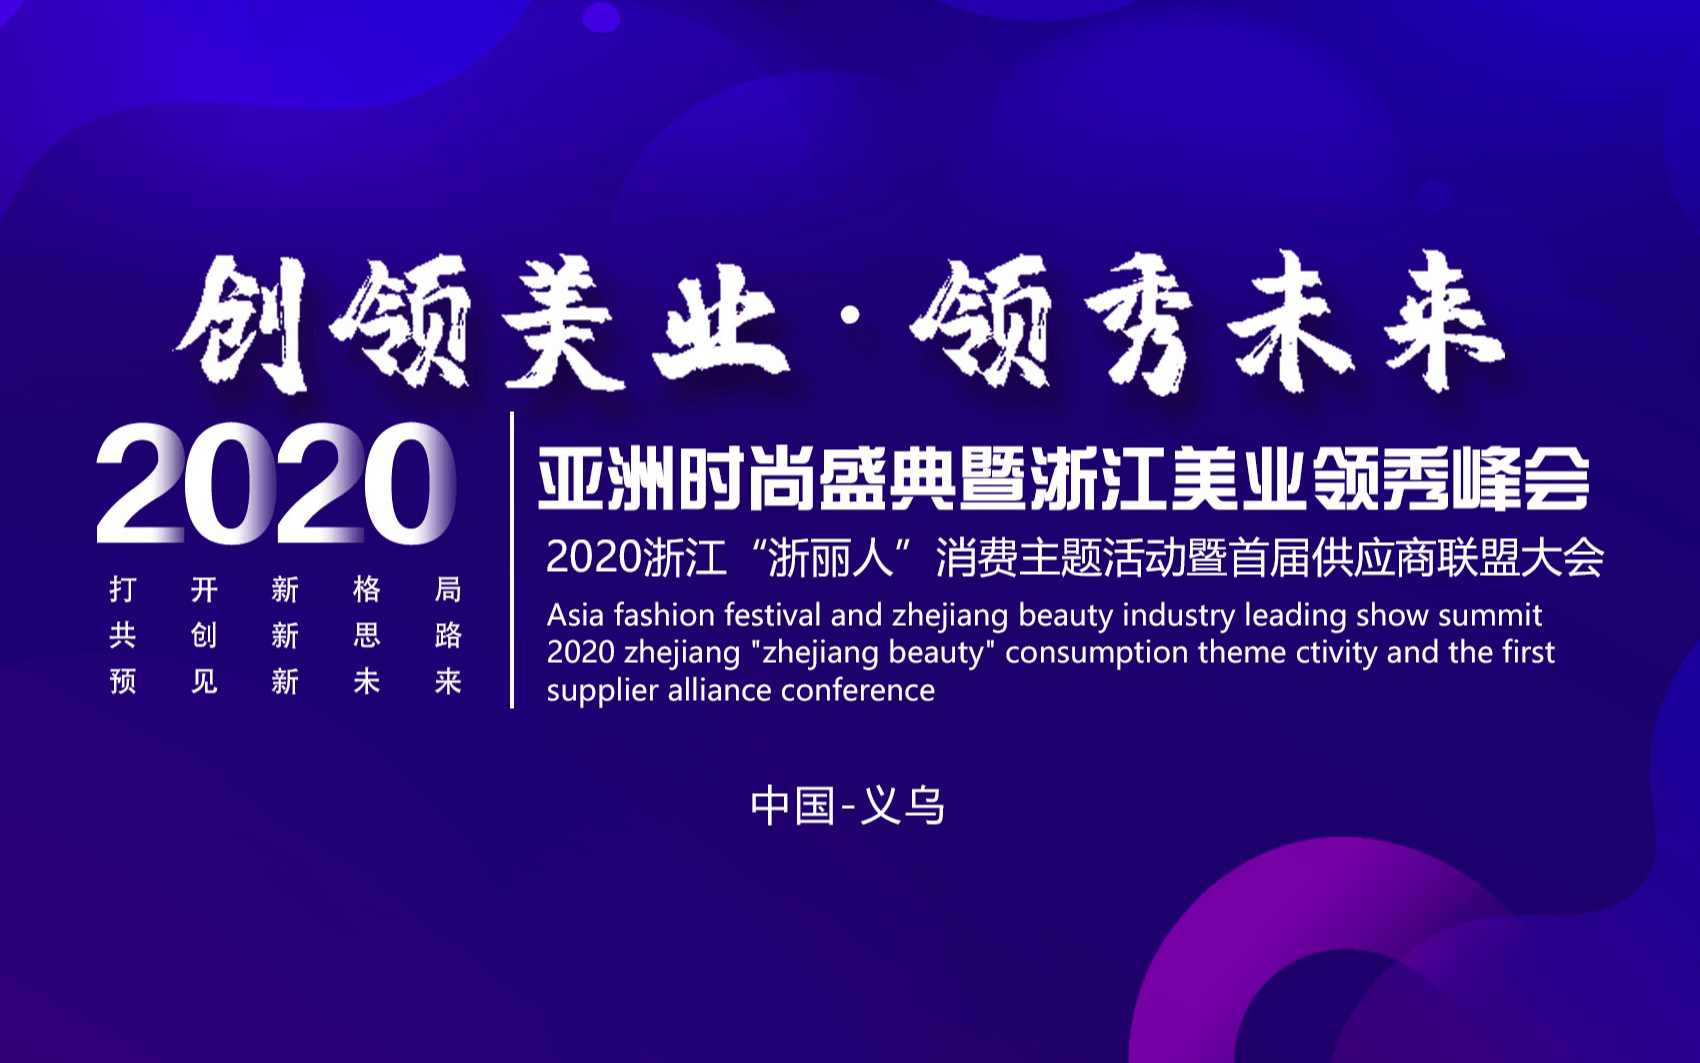 2020亚洲时尚盛典暨浙江美业领袖峰会